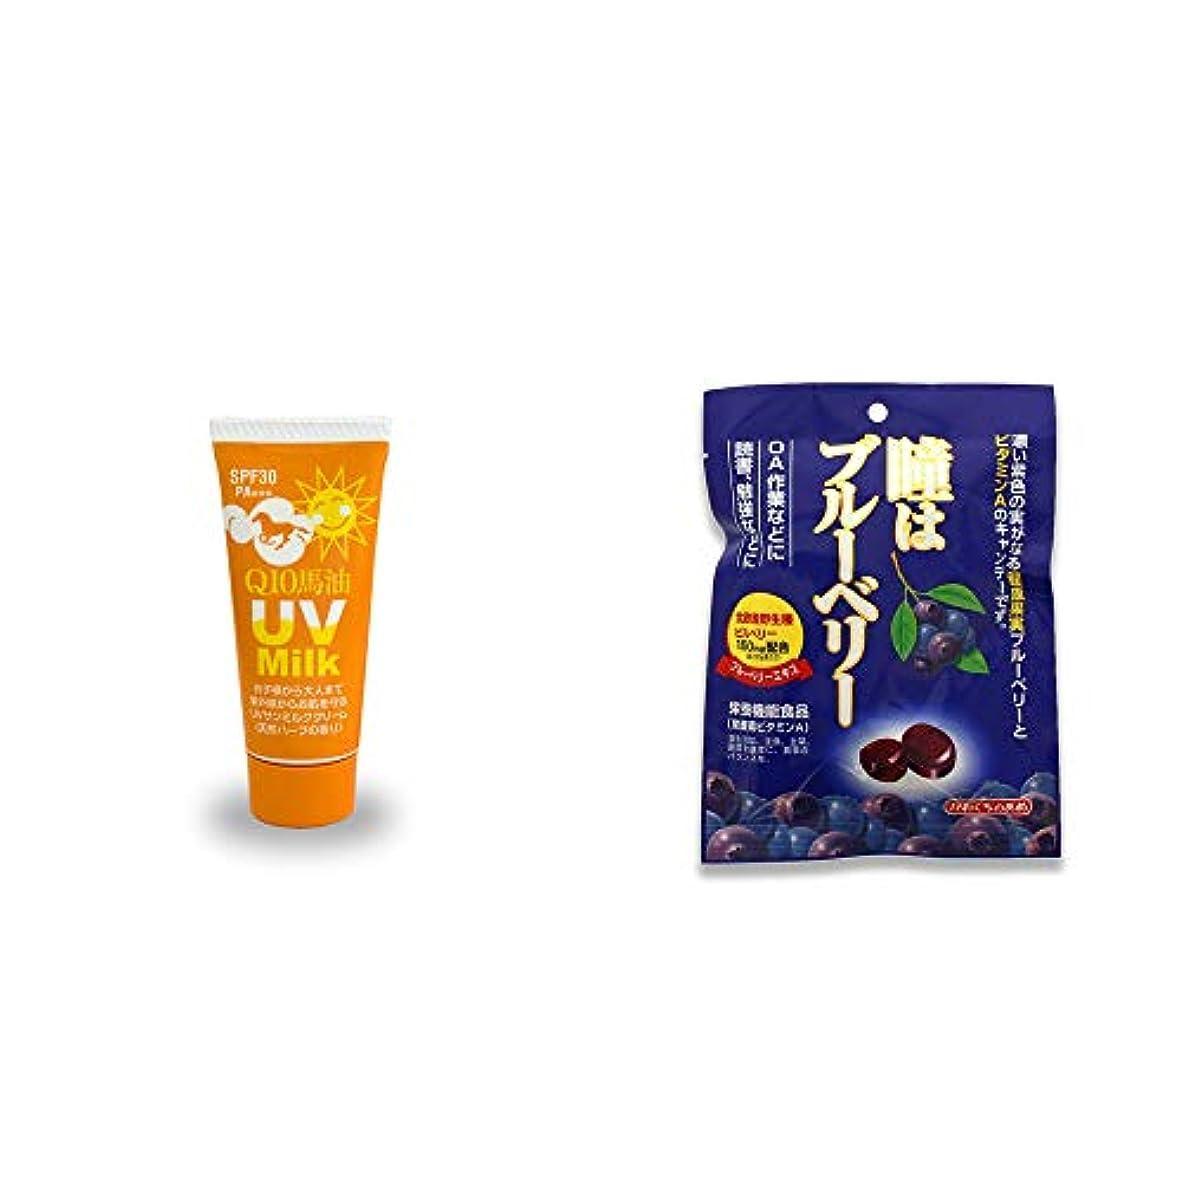 白いファイル締め切り[2点セット] 炭黒泉 Q10馬油 UVサンミルク[天然ハーブ](40g)?瞳はブルーベリー 健康機能食品[ビタミンA](100g)